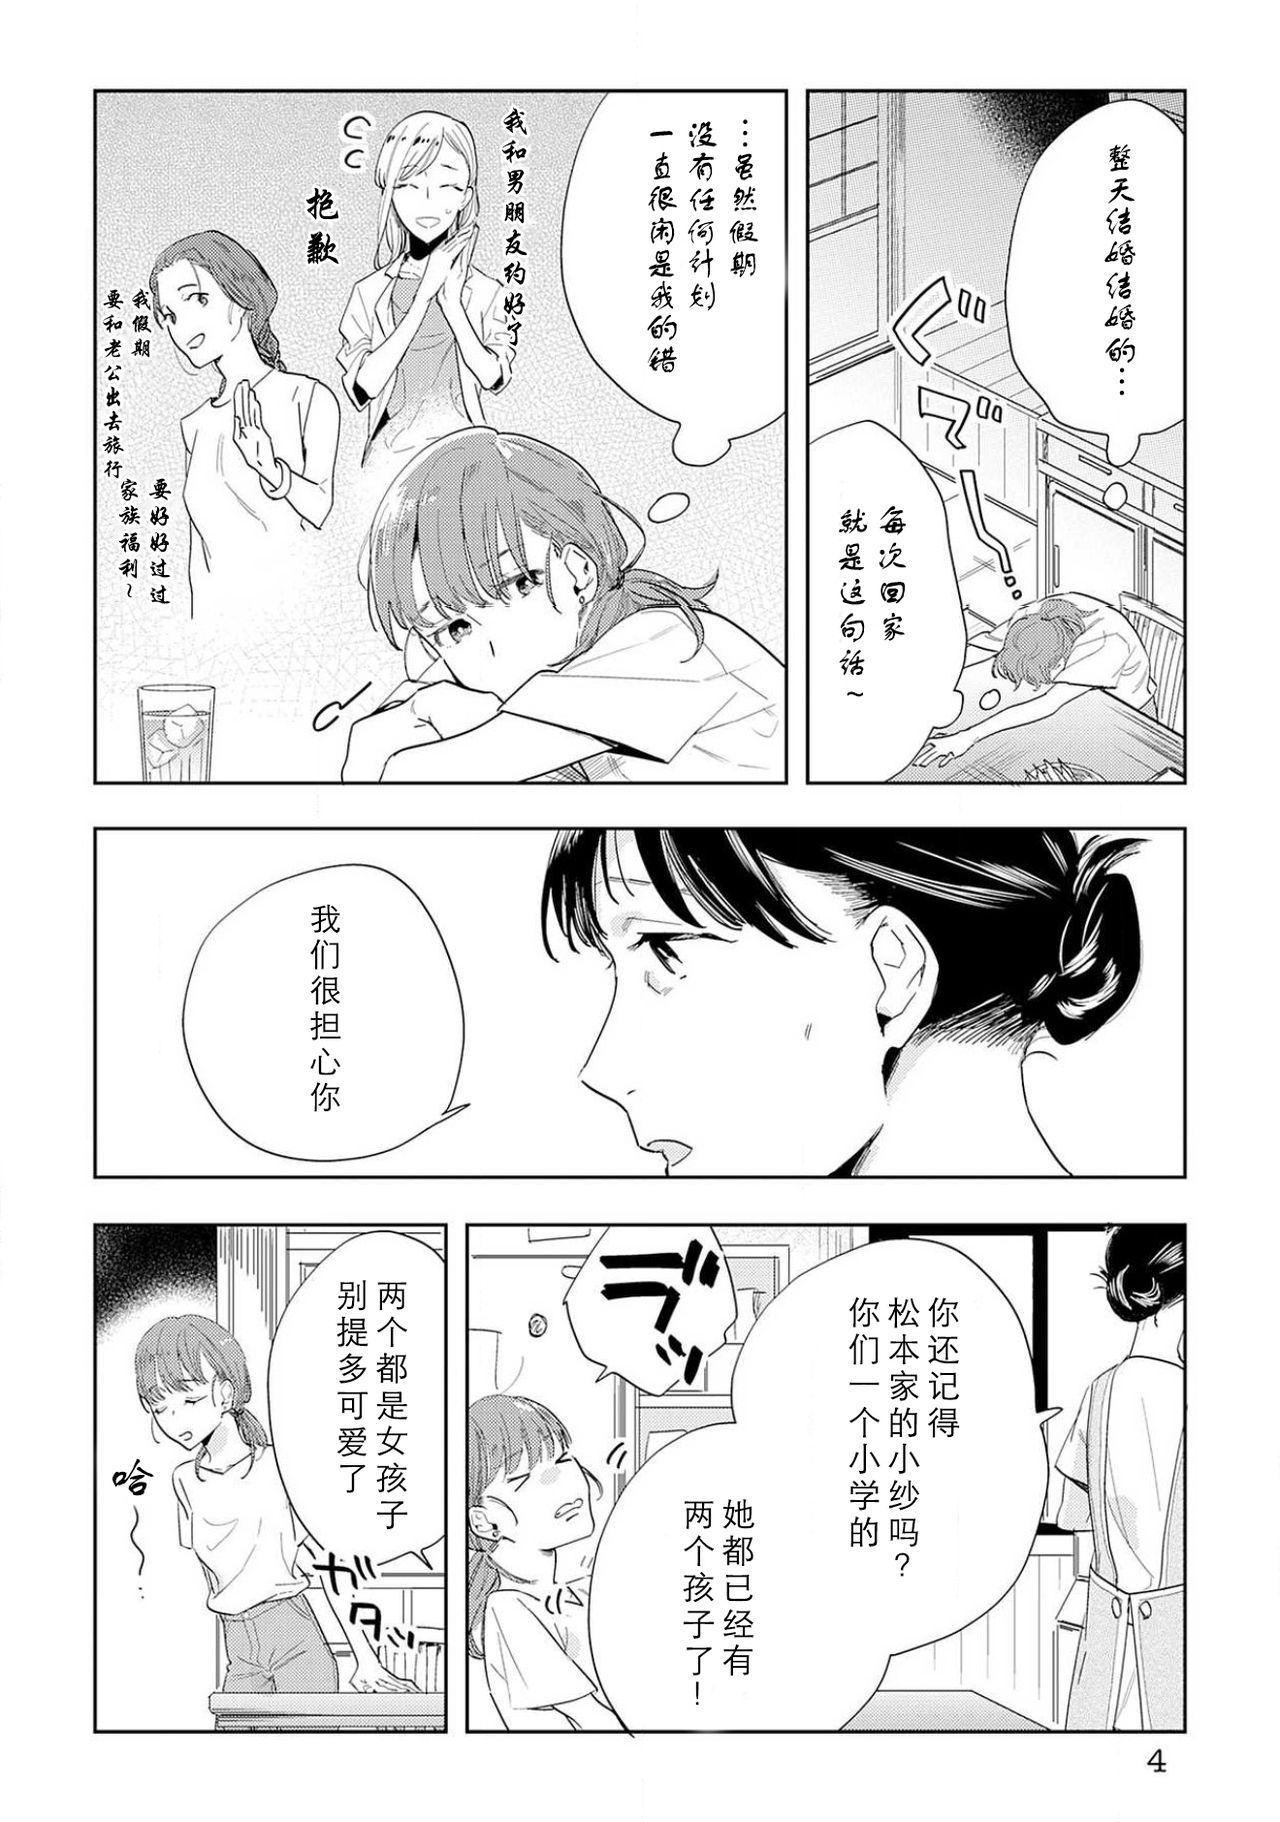 [Hachikawa Kyuu] Kami-sama to Ikenie H Keiyaku Shichaimashita | 我与神明大人签订了祭品H契约 1-3 [Chinese] [莉赛特汉化组] 2